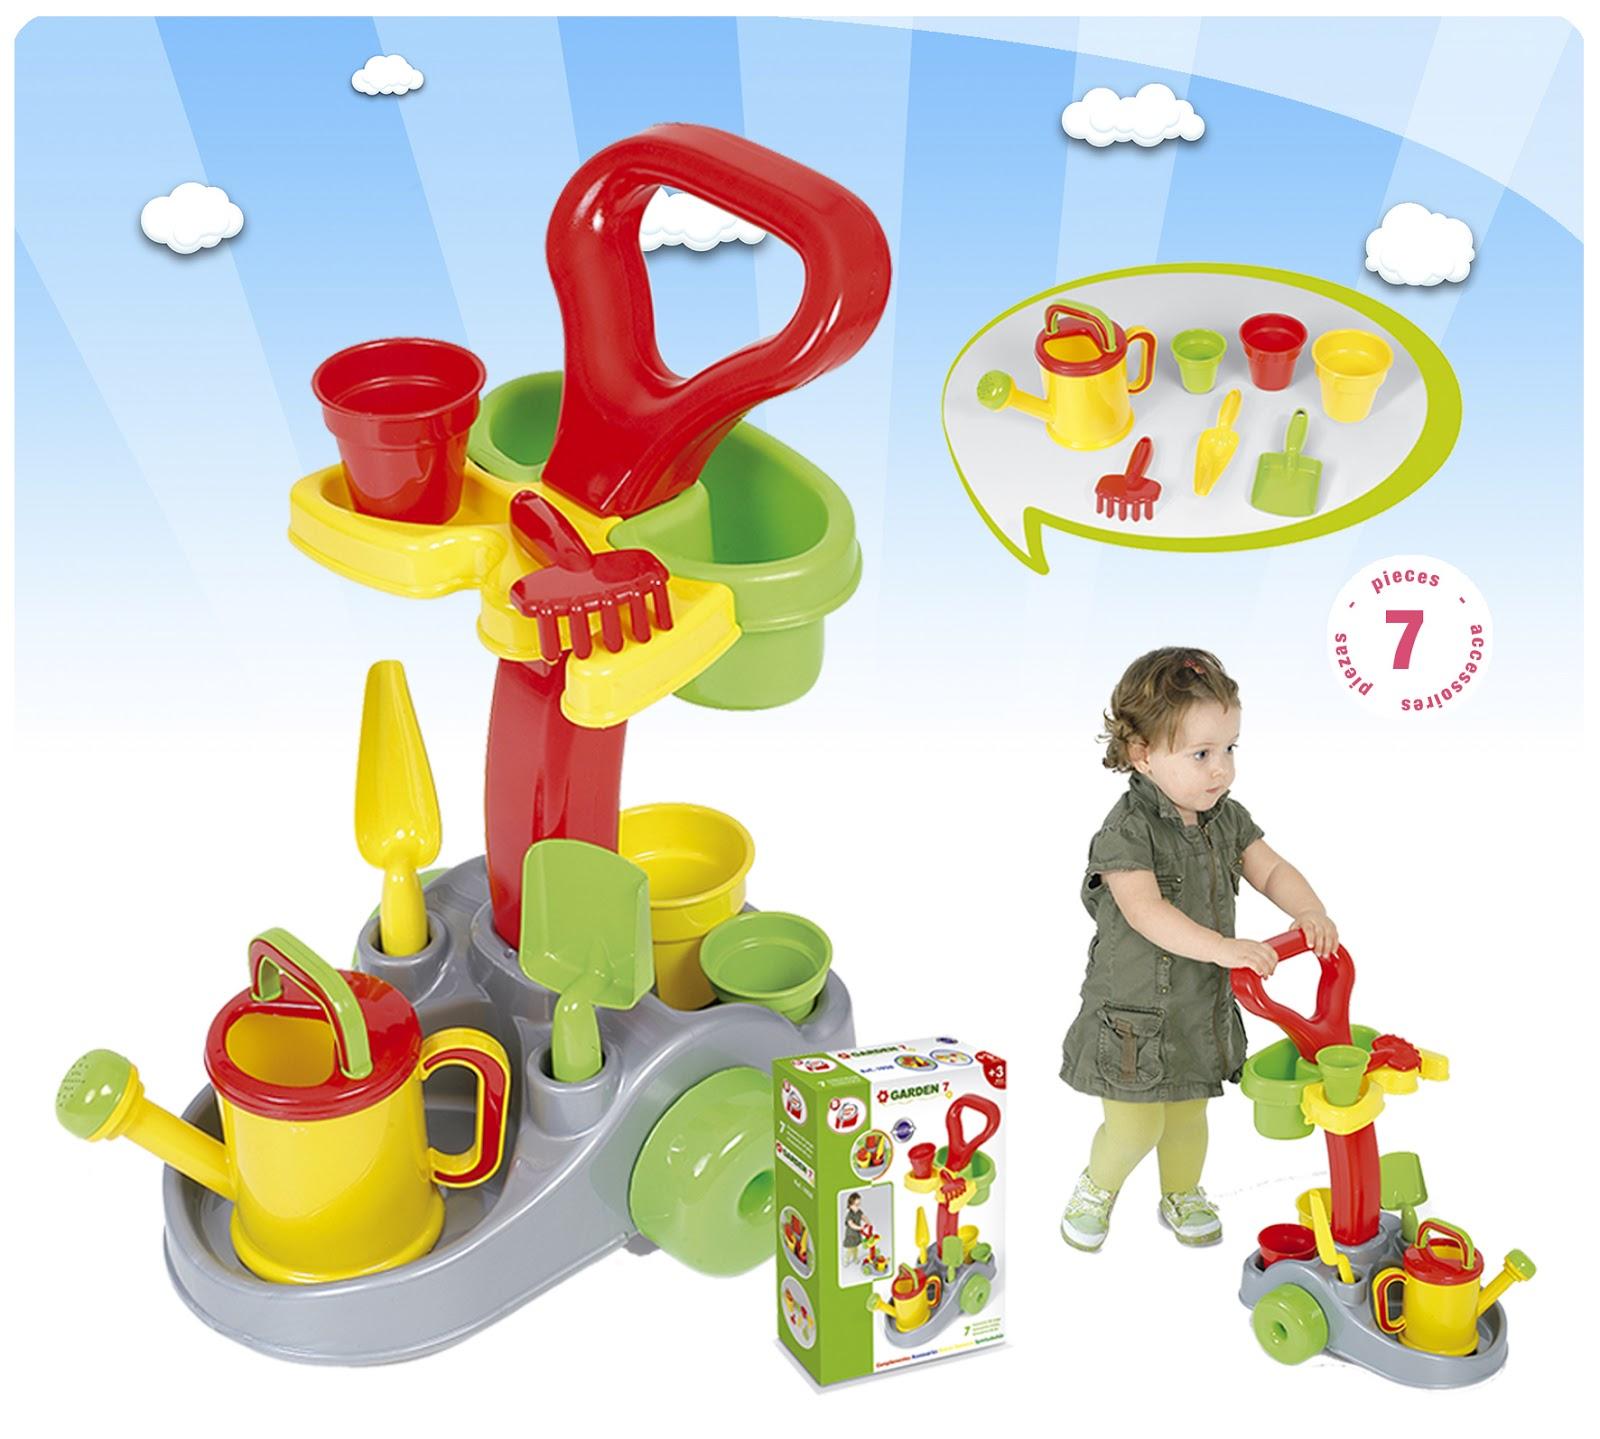 Juguetes para ni os de 3 a 6 a os la imaginaci n al poder - Juguetes para ninos de 3 a 4 anos ...